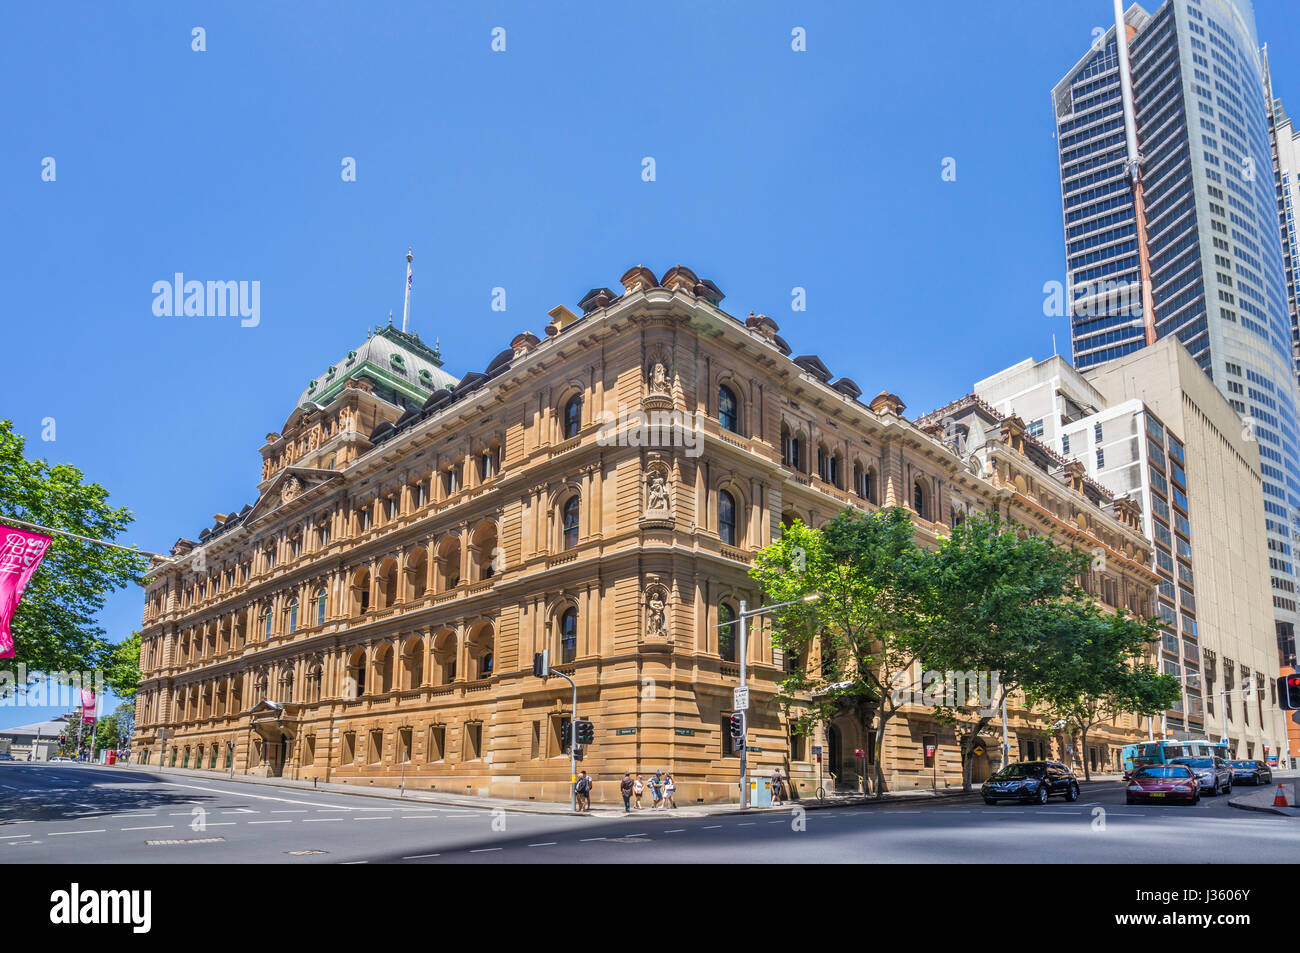 L'Australie, New South Wales, Sydney, de style architectural victorien classique, classé au patrimoine Photo Stock